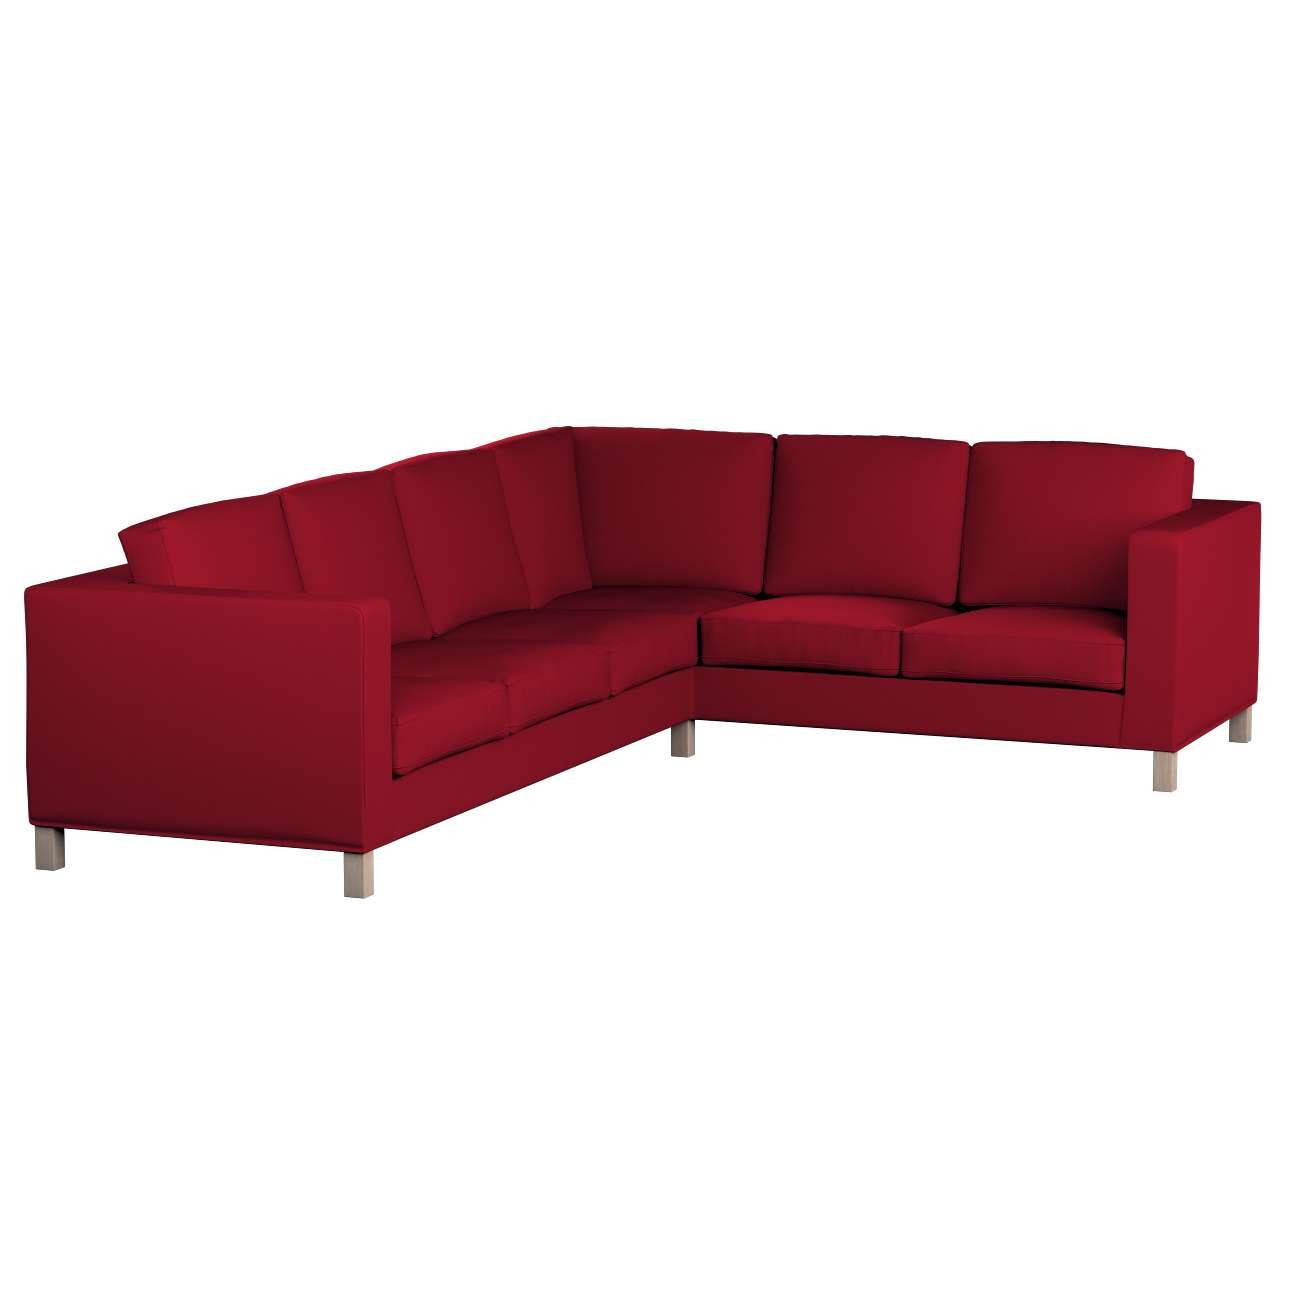 Pokrowiec na sofę narożną lewostronną Karlanda Sofa narożna lewostronna Karlanda w kolekcji Etna , tkanina: 705-60